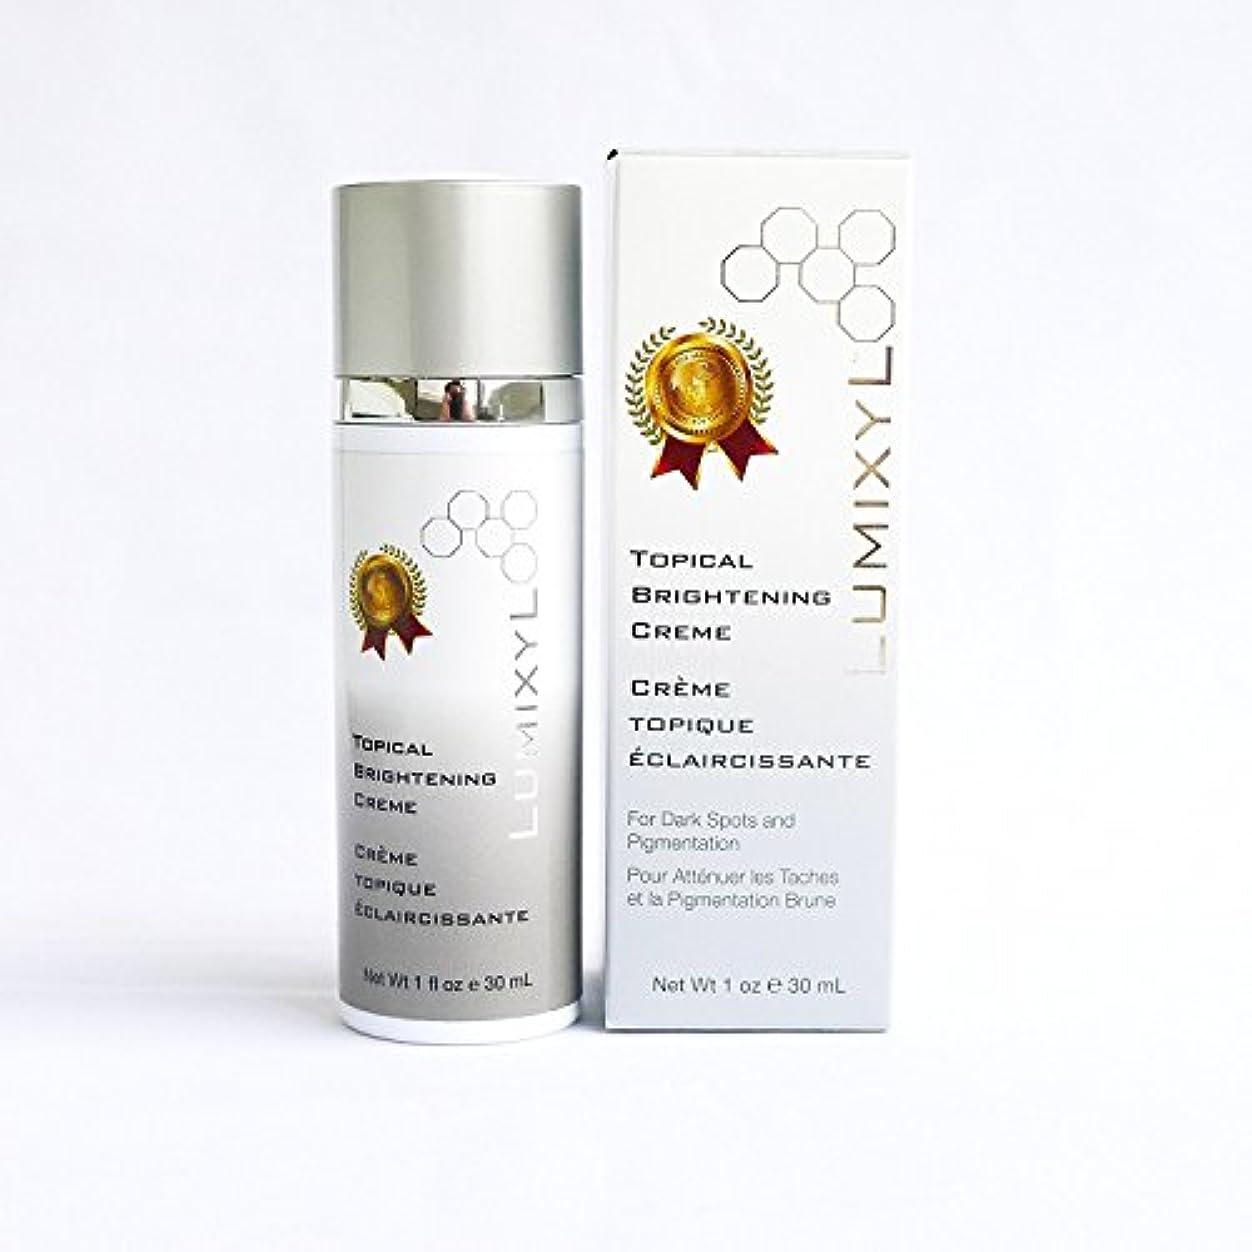 ブルームの禁止ルミキシル クリーム 30ml(エンブレム付き)